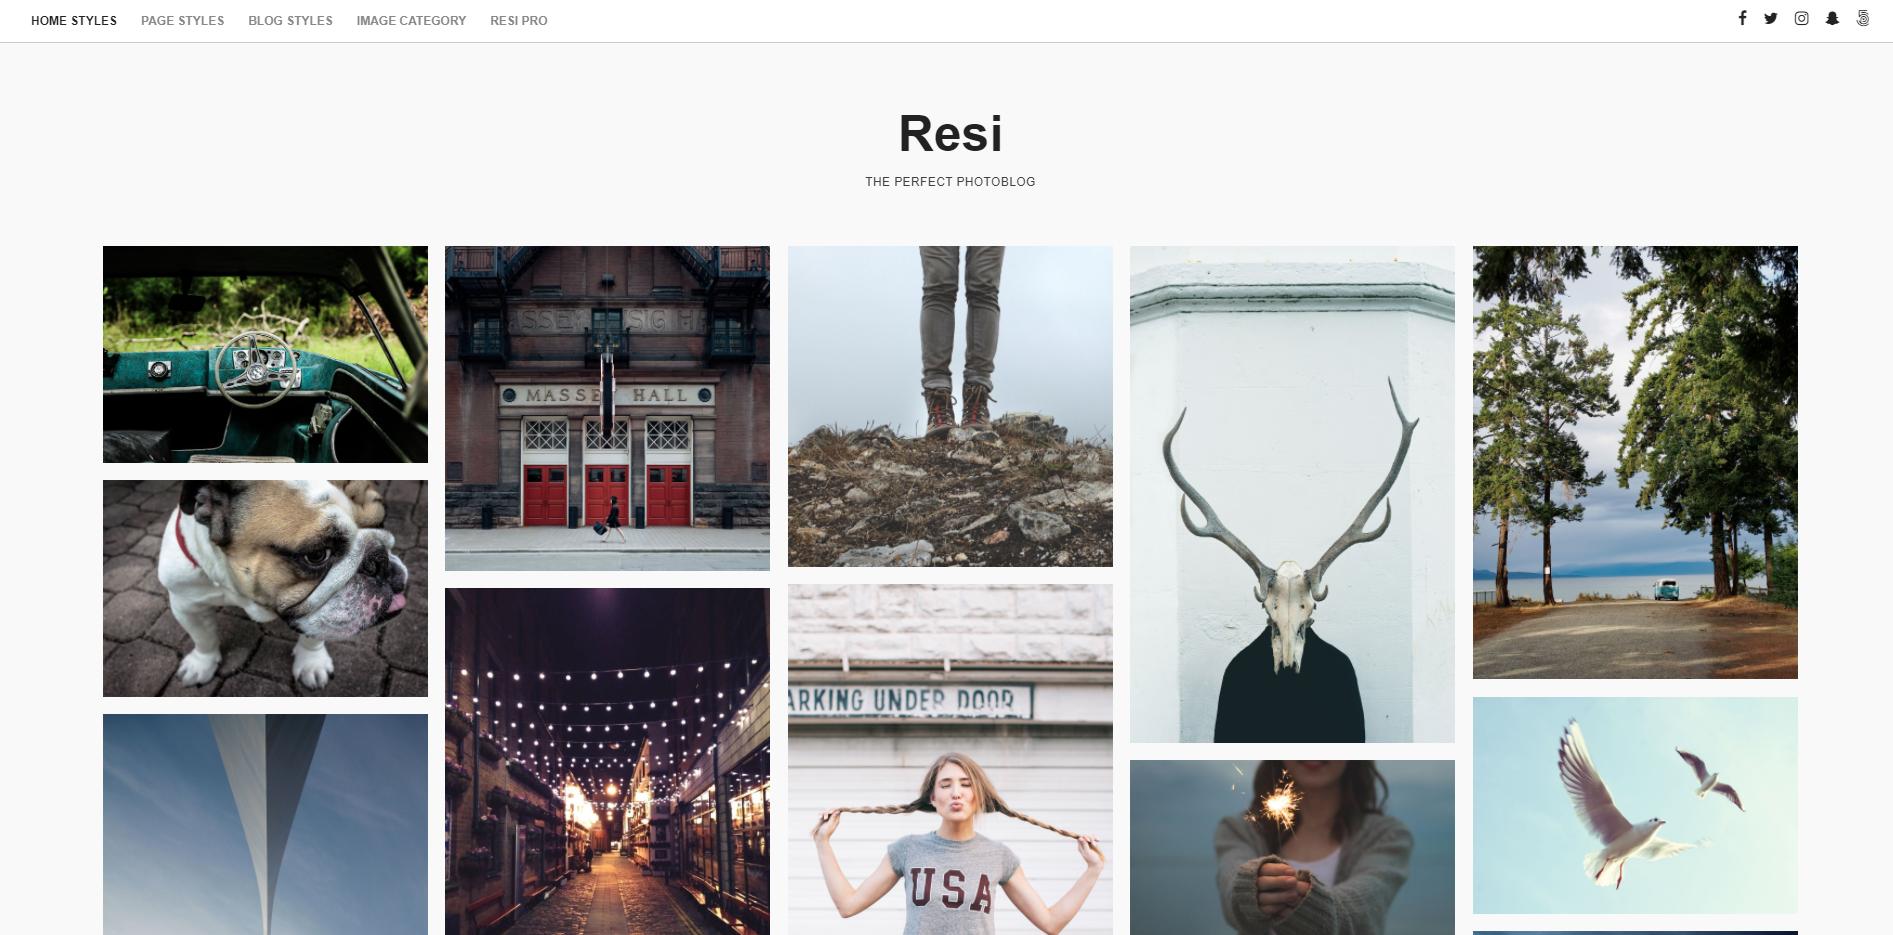 图片博客WordPress主题:Resi